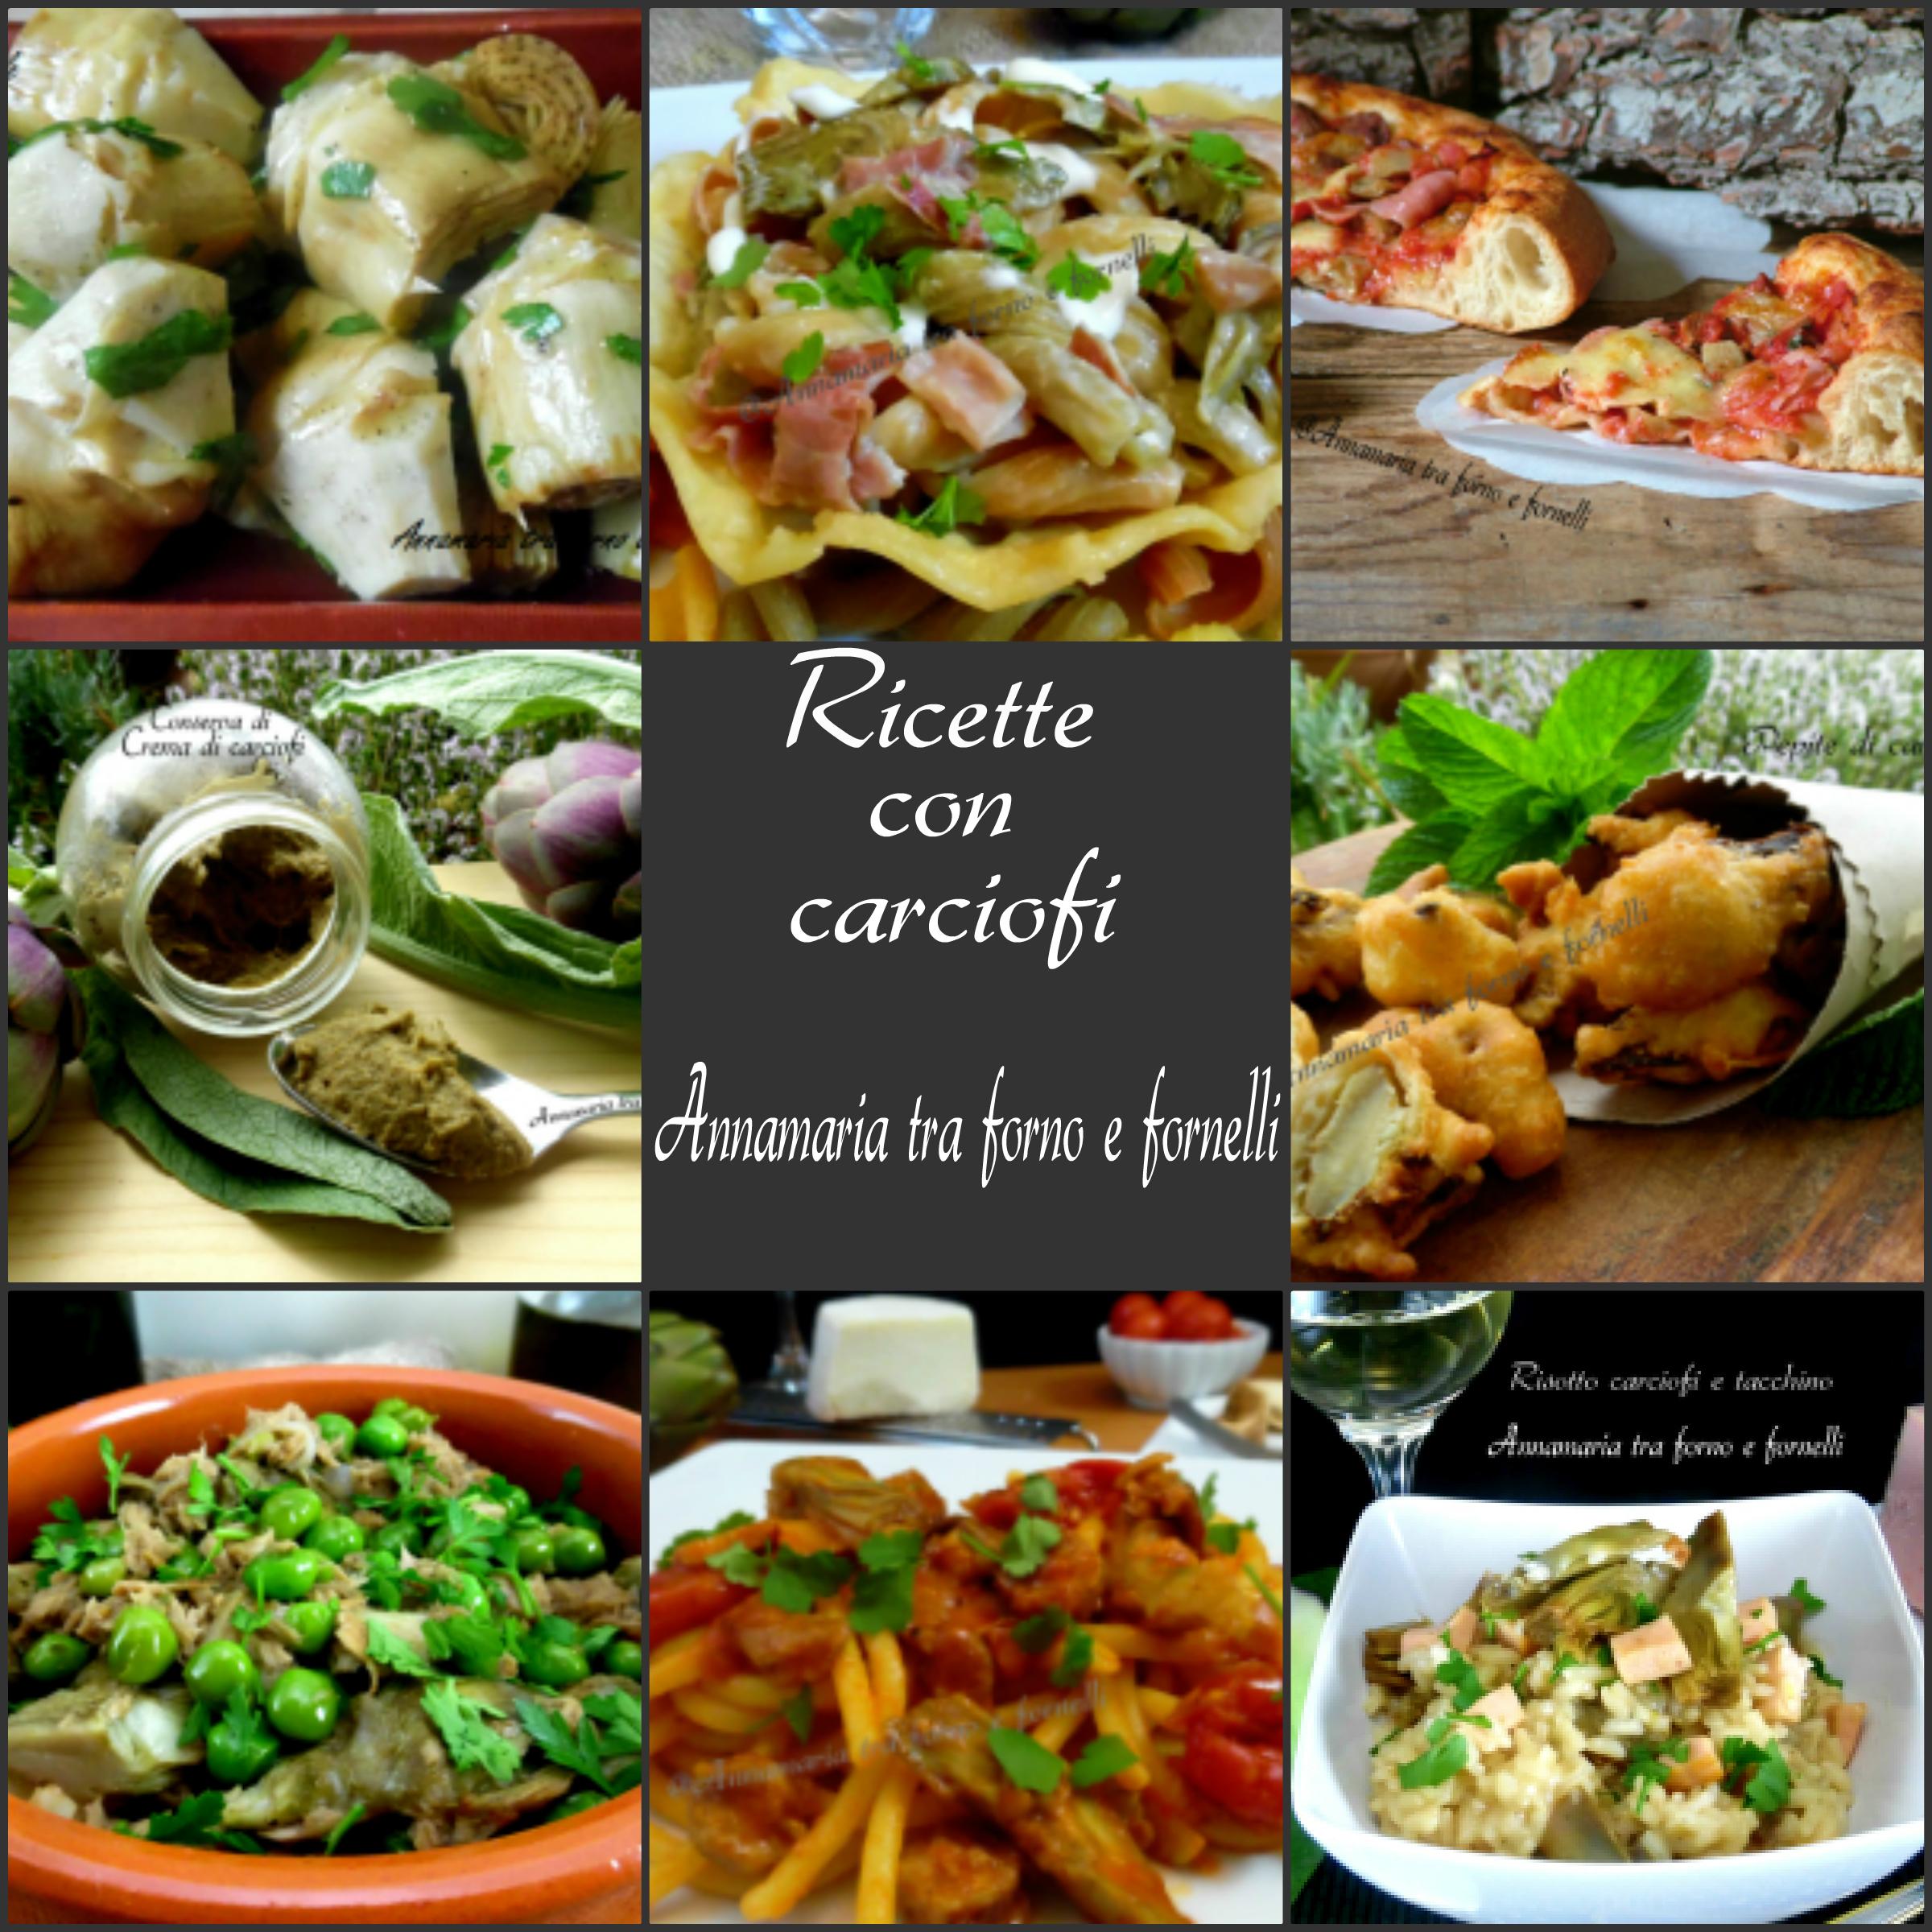 Ricette natalizie una raccolta di piatti per le festivit for Ricette con carciofi